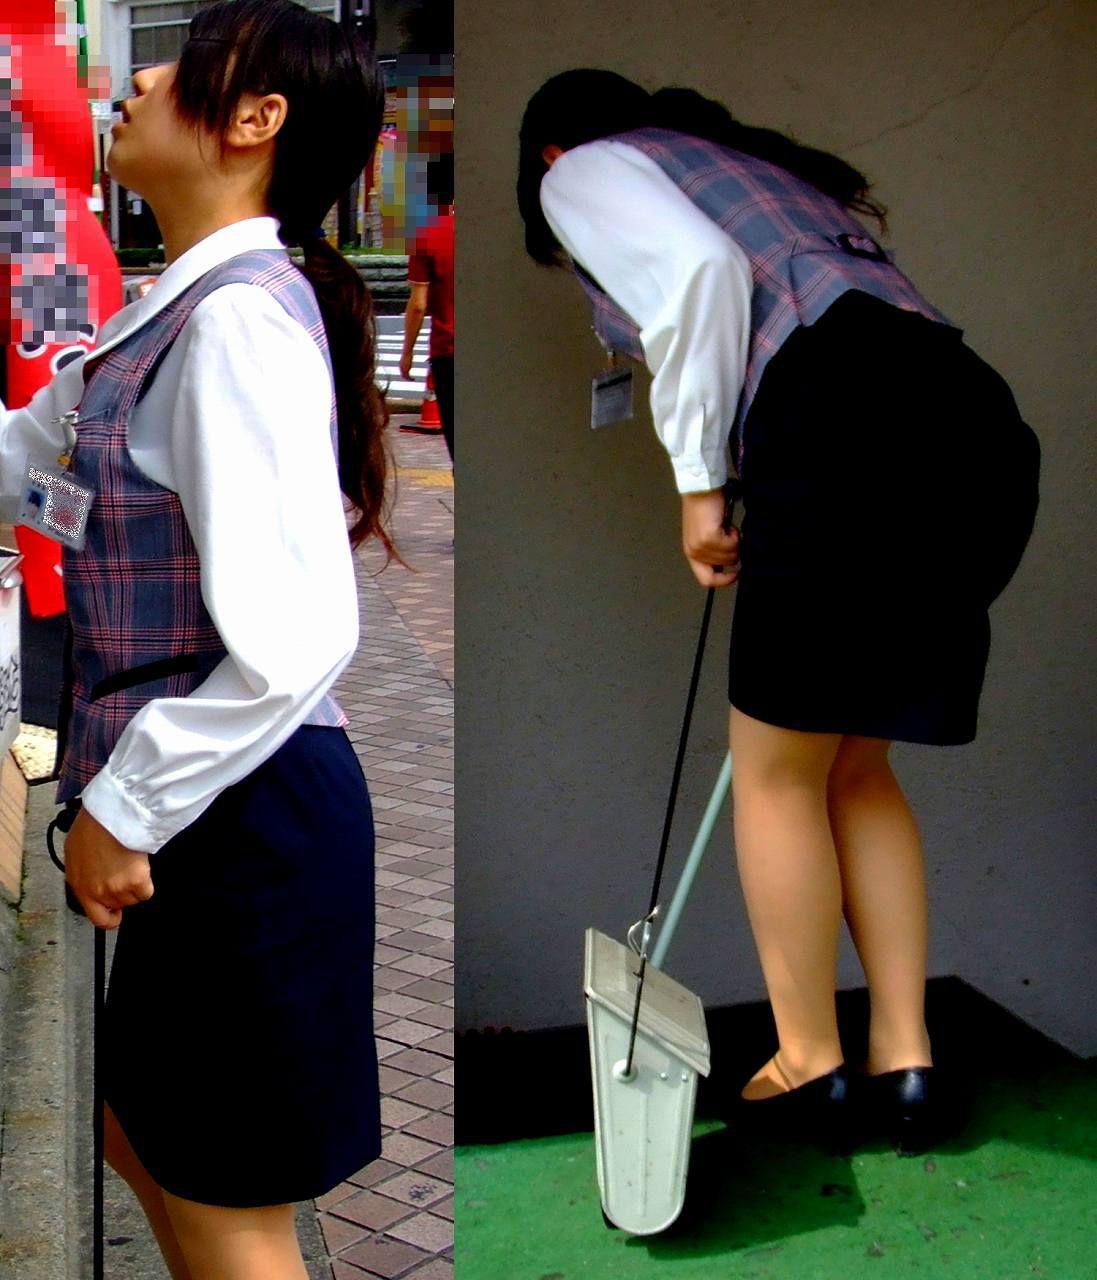 【OLエロ画像】着衣尻の丸みが強まってヤバイ!働く女性の前屈みタイトwww 05